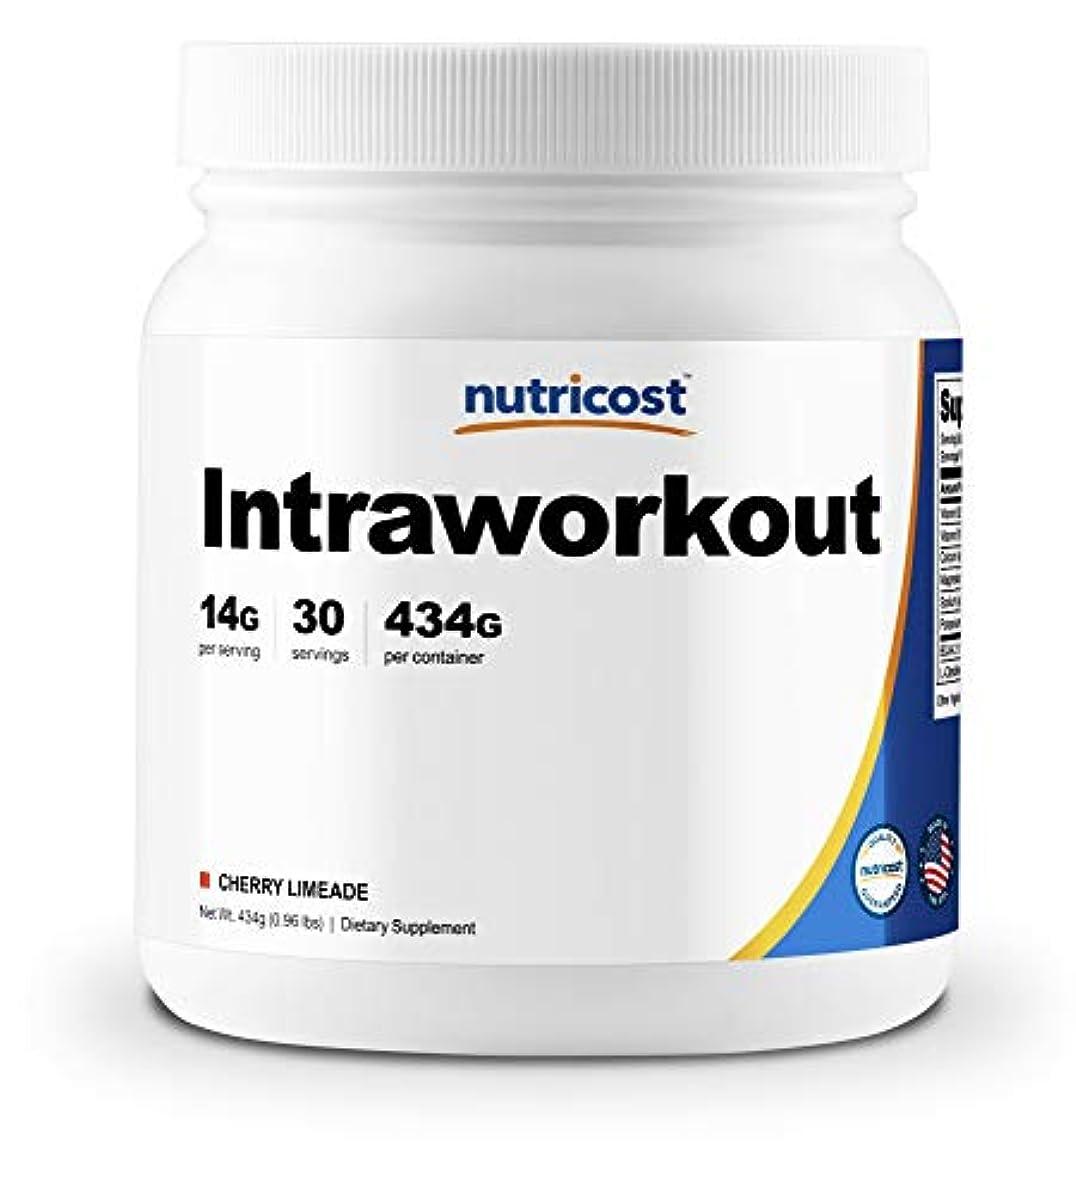 アッティカスマットアウトドアNutricost イントラワークアウトパウダー(チェリーライムエード味)、非GMO、グルテンフリー